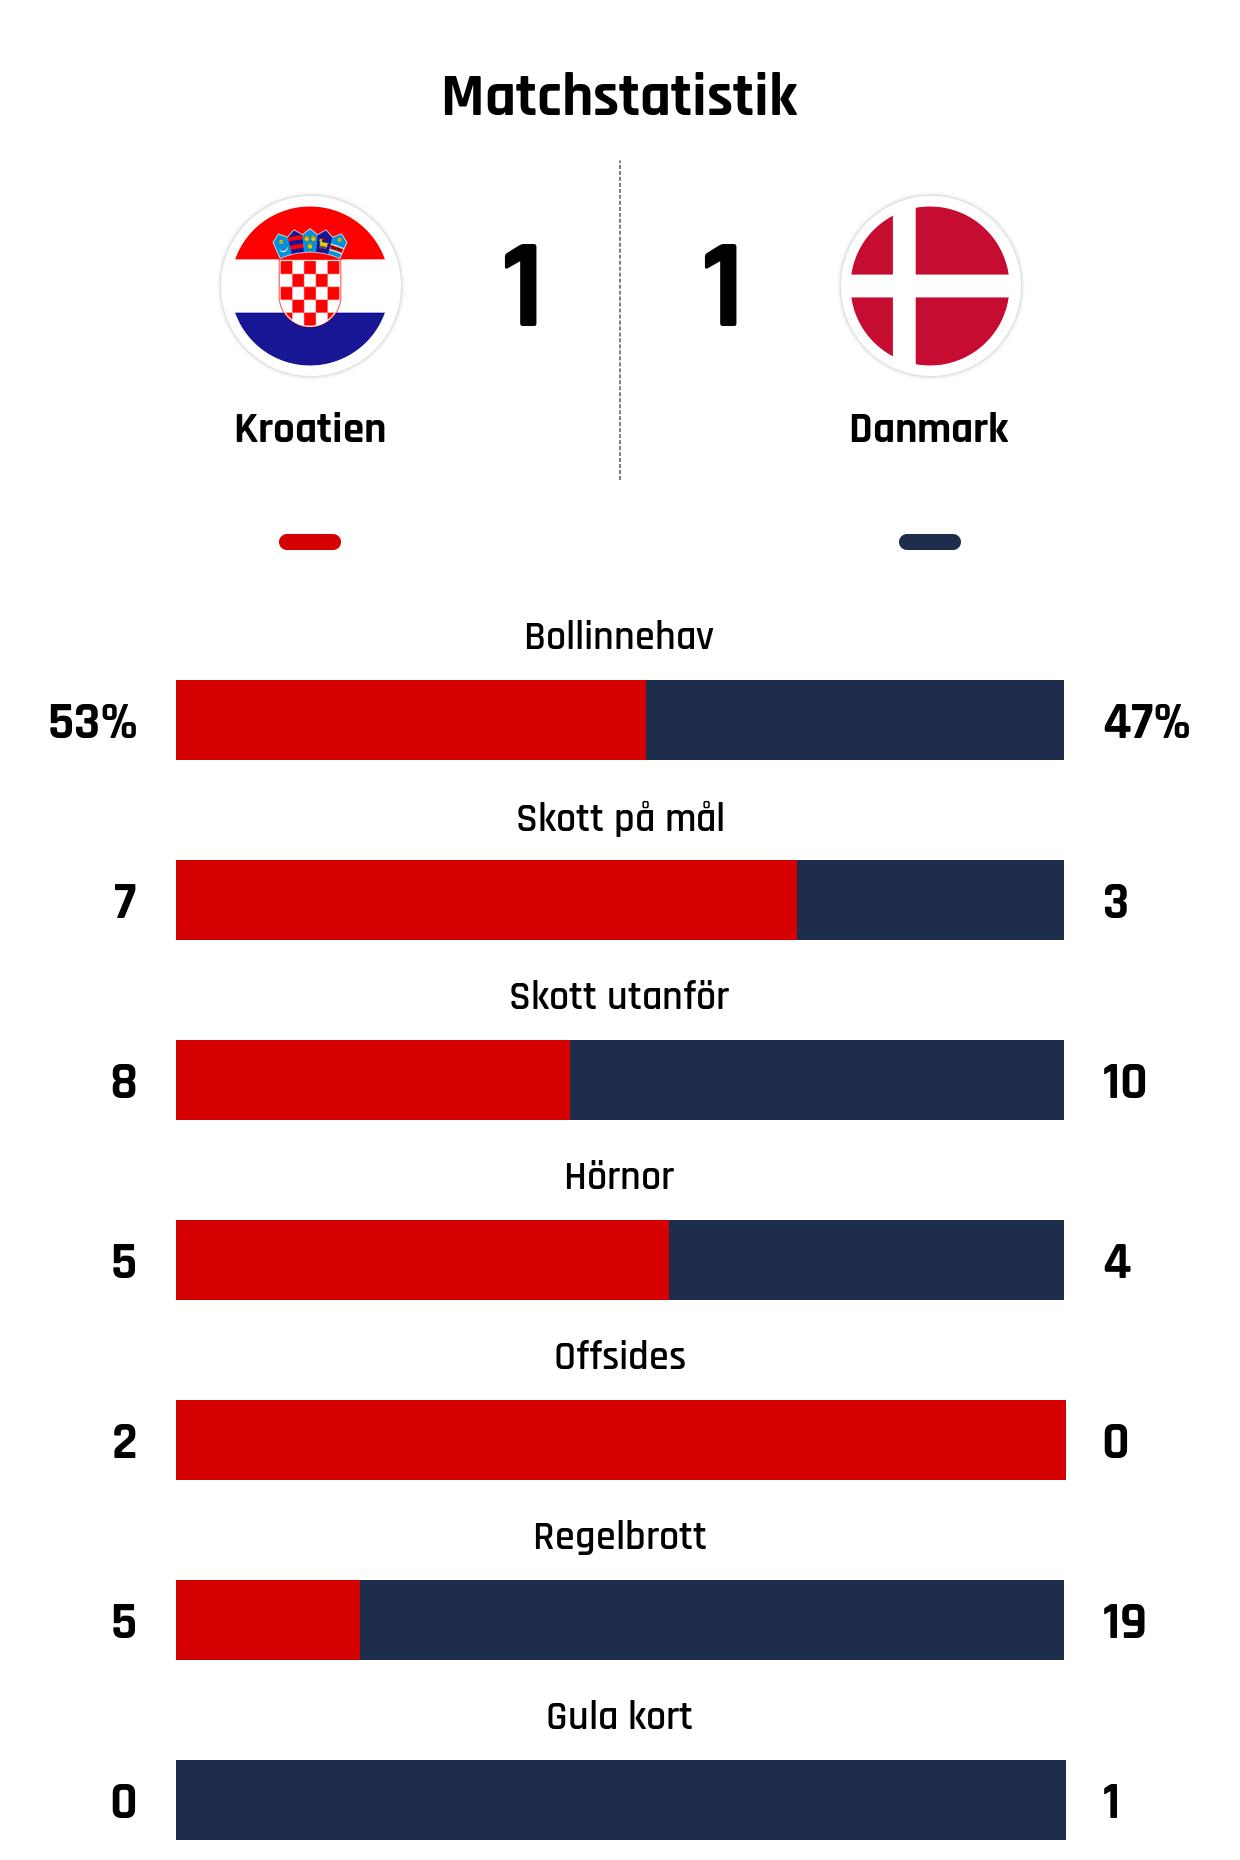 Bollinnehav 53%-47%<br /> Skott på mål 7-3<br /> Skott utanför 8-10<br /> Hörnor 5-4<br /> Offsides 2-0<br /> Regelbrott 5-19<br /> Gula kort 0-1